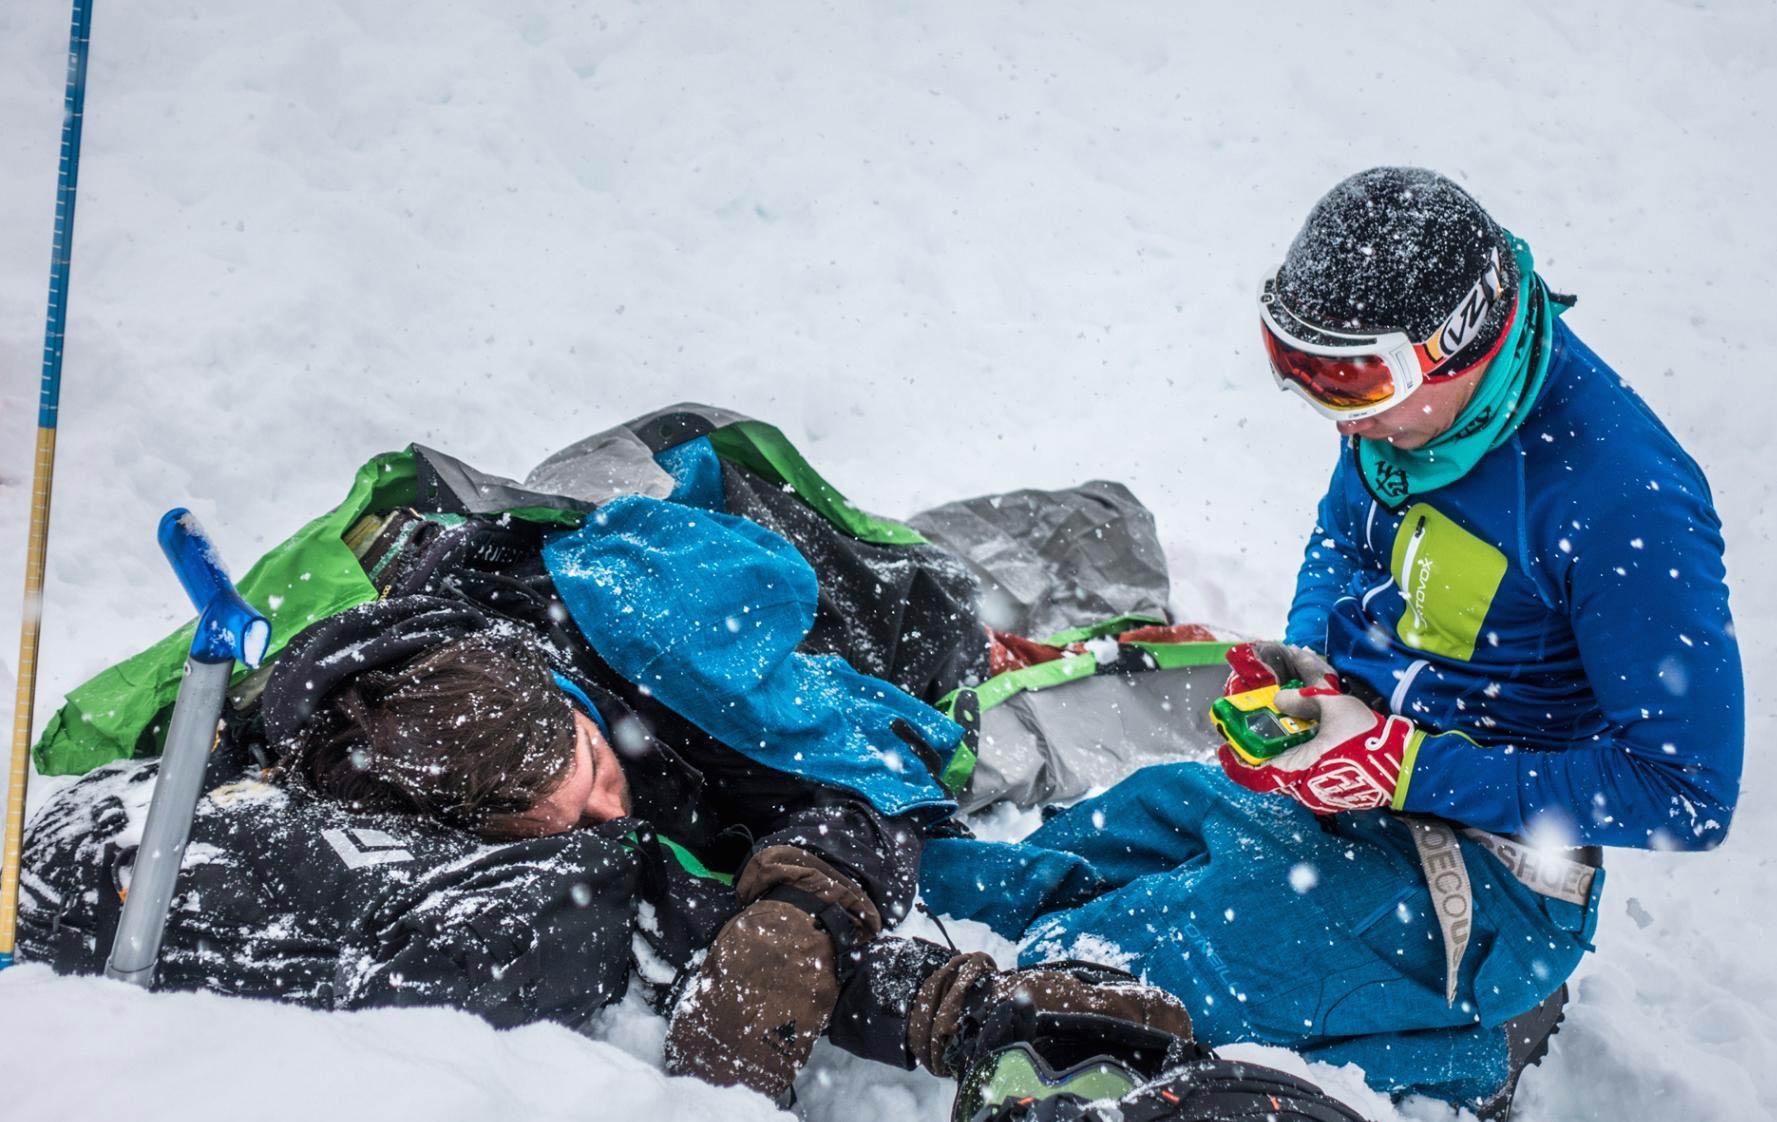 Die verschiedenen risk'n'fun Kurse richten sich nicht nur an Einsteiger, sondern bieten auch Workshops für fortgeschrittene Freerider an. - Foto: Heli Düringer